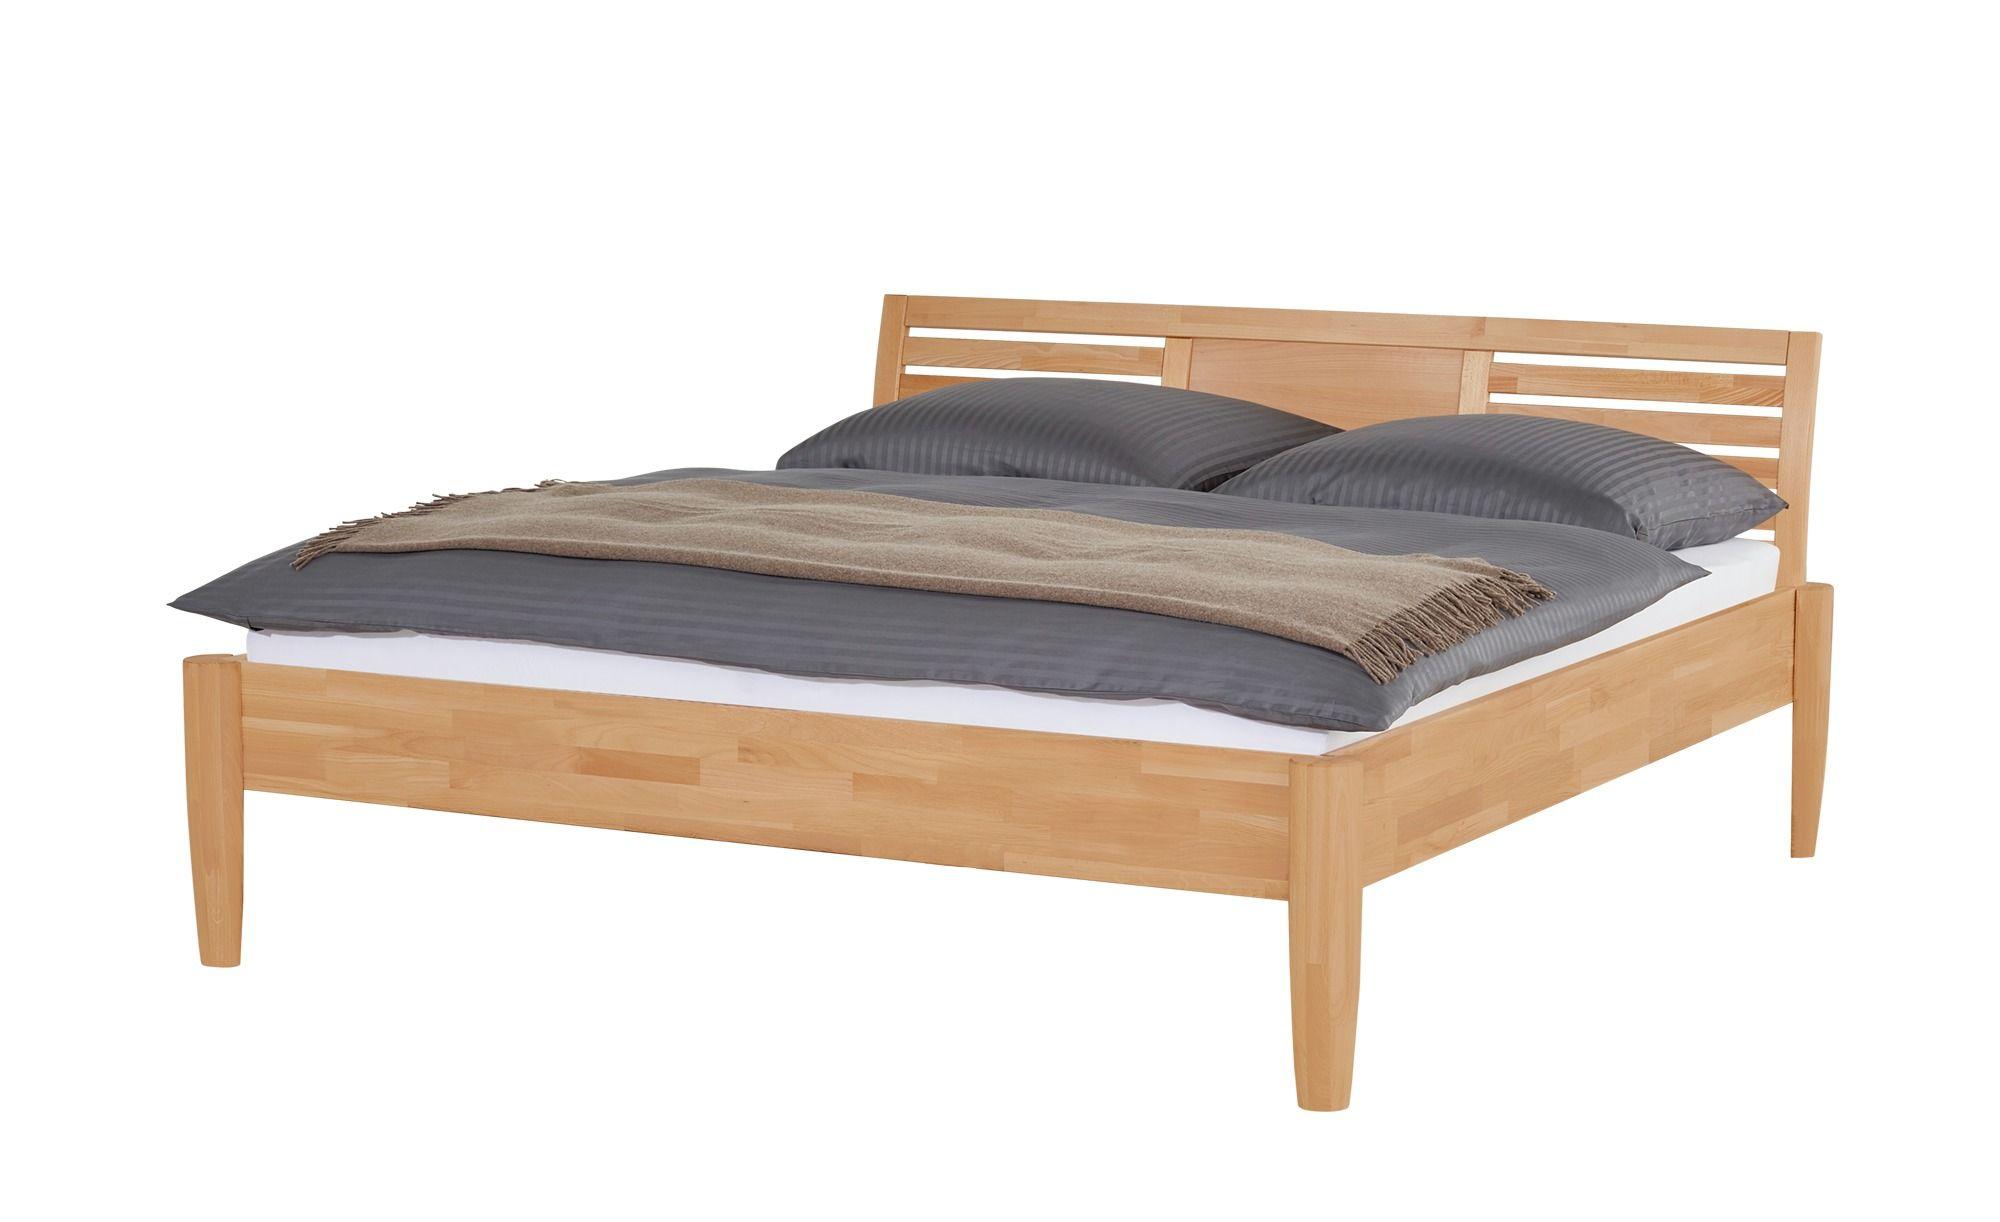 Massivholz Bettgestell Timber In 2020 Bettgestell Bett Bett 200x200 Holz